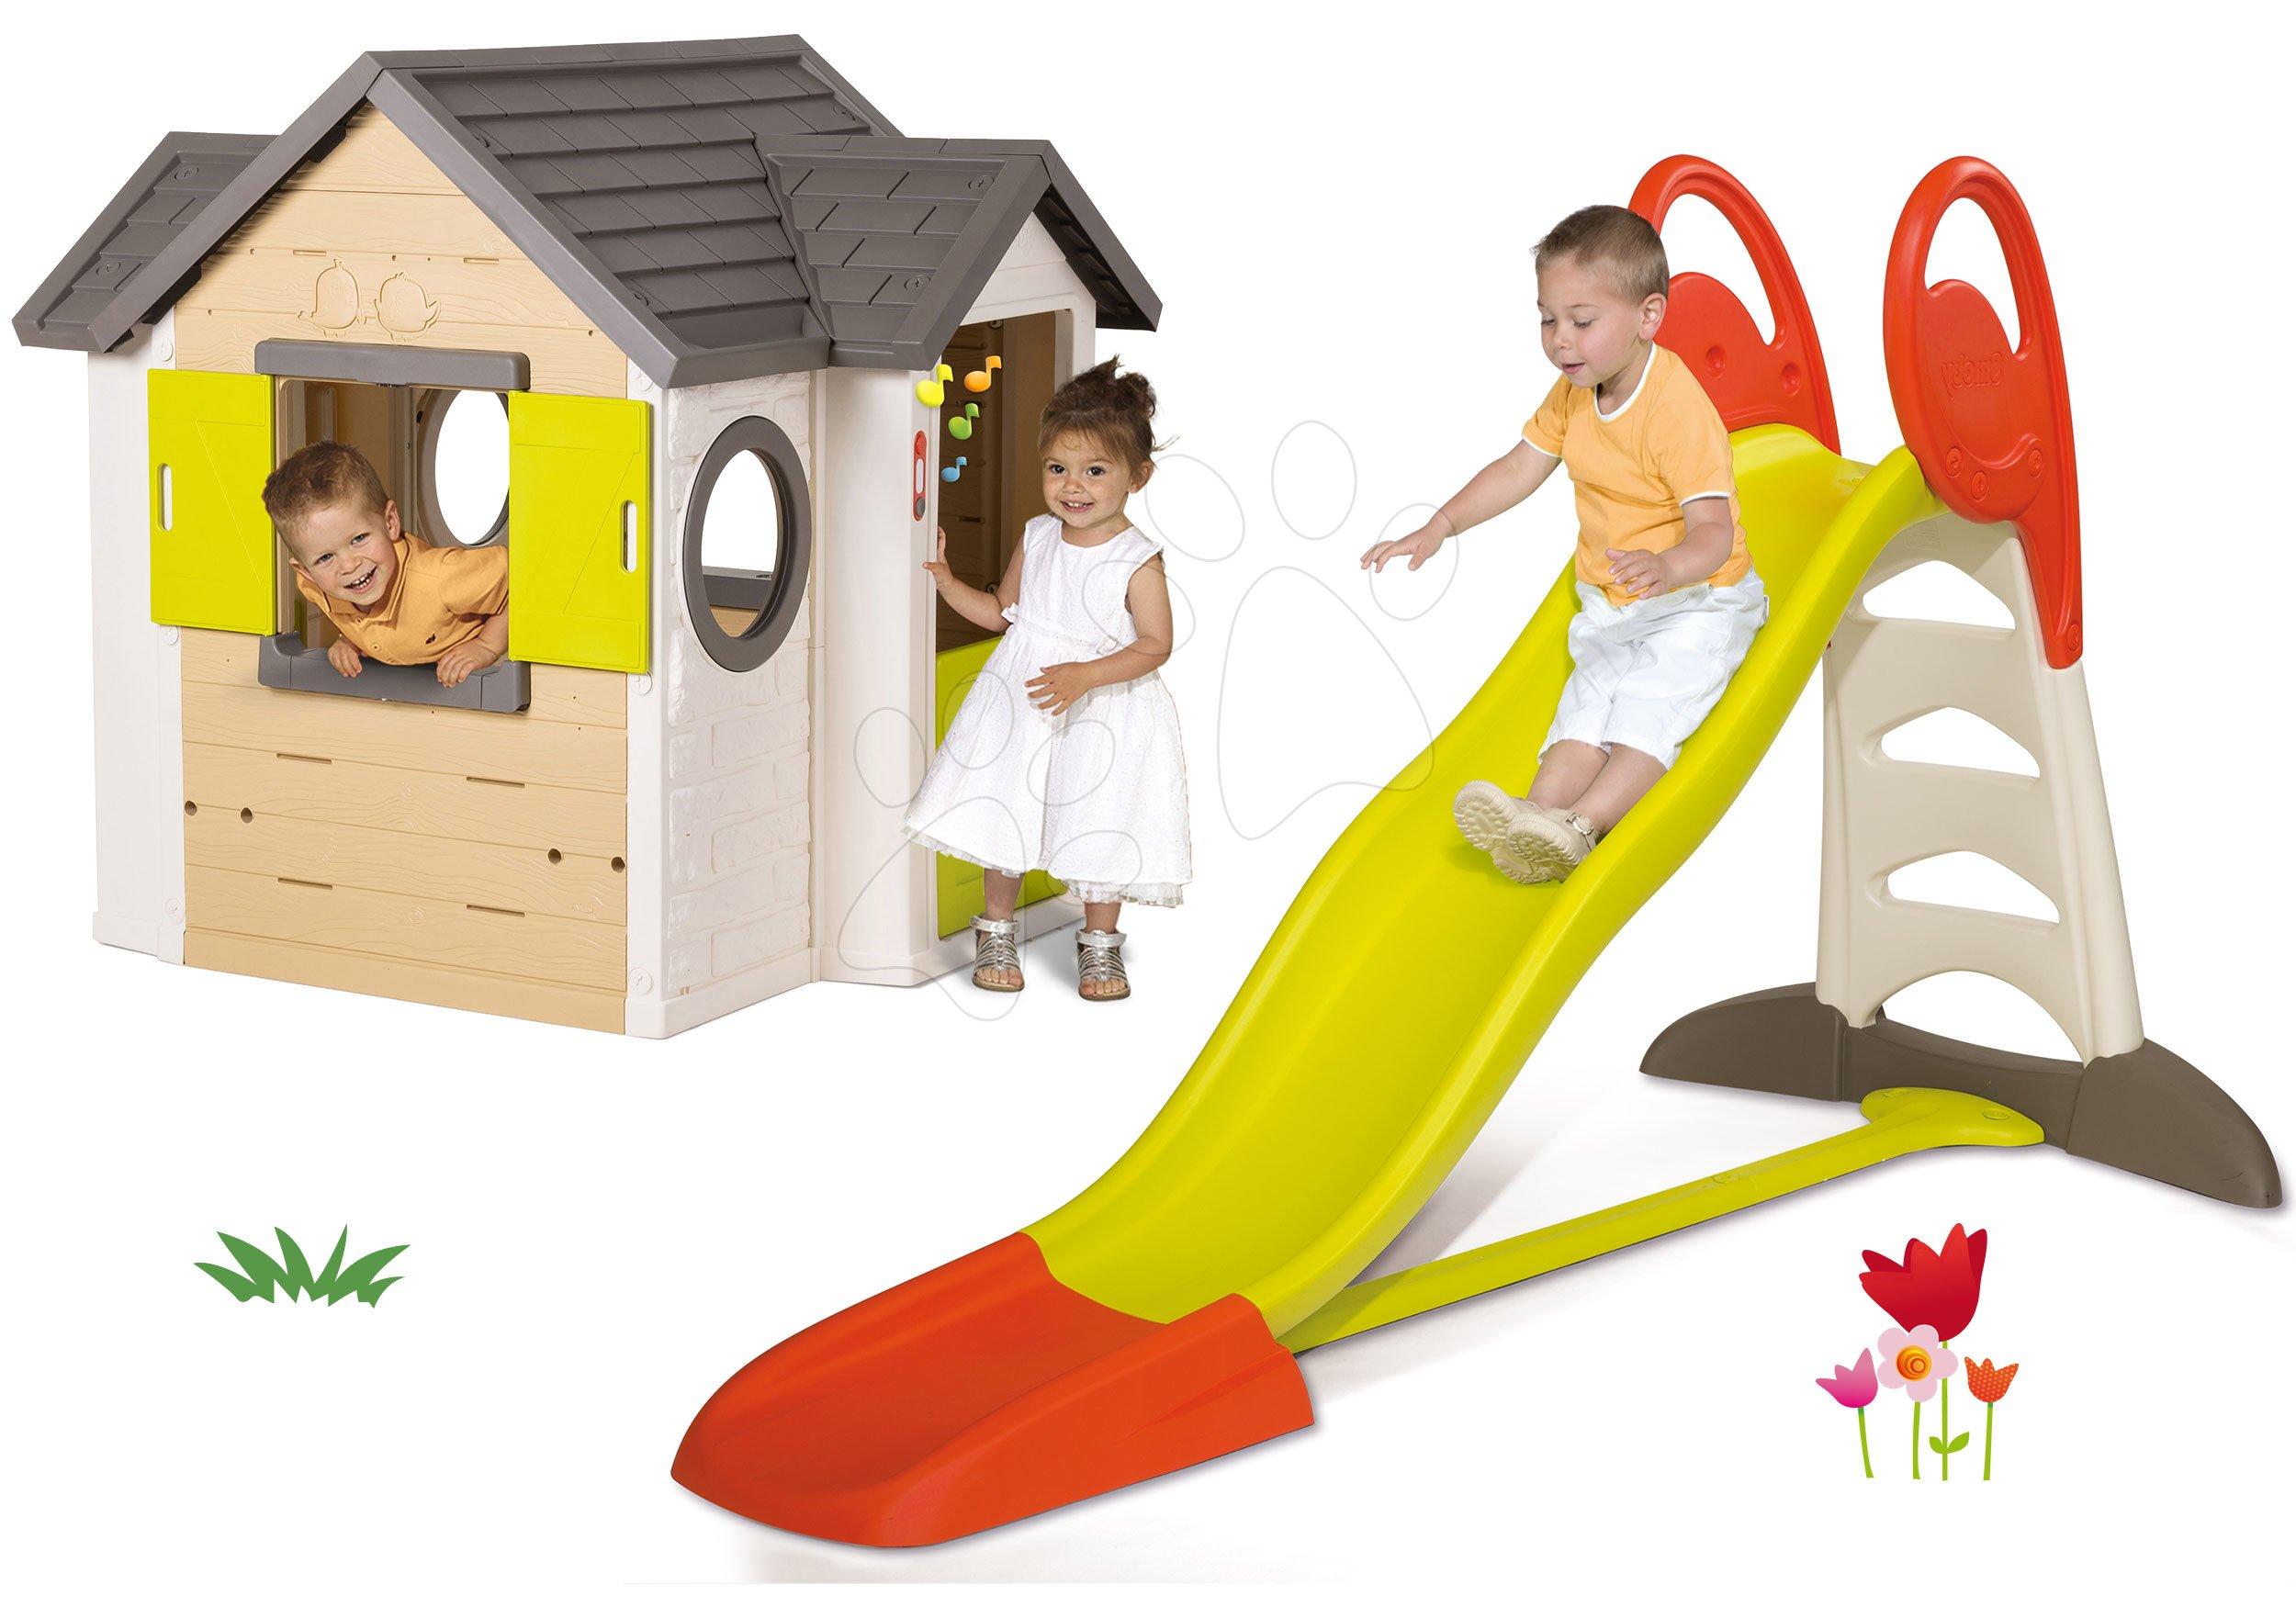 Smoby set šmykľavka Toboggan XL s vodou a detský domček My House 310261-6